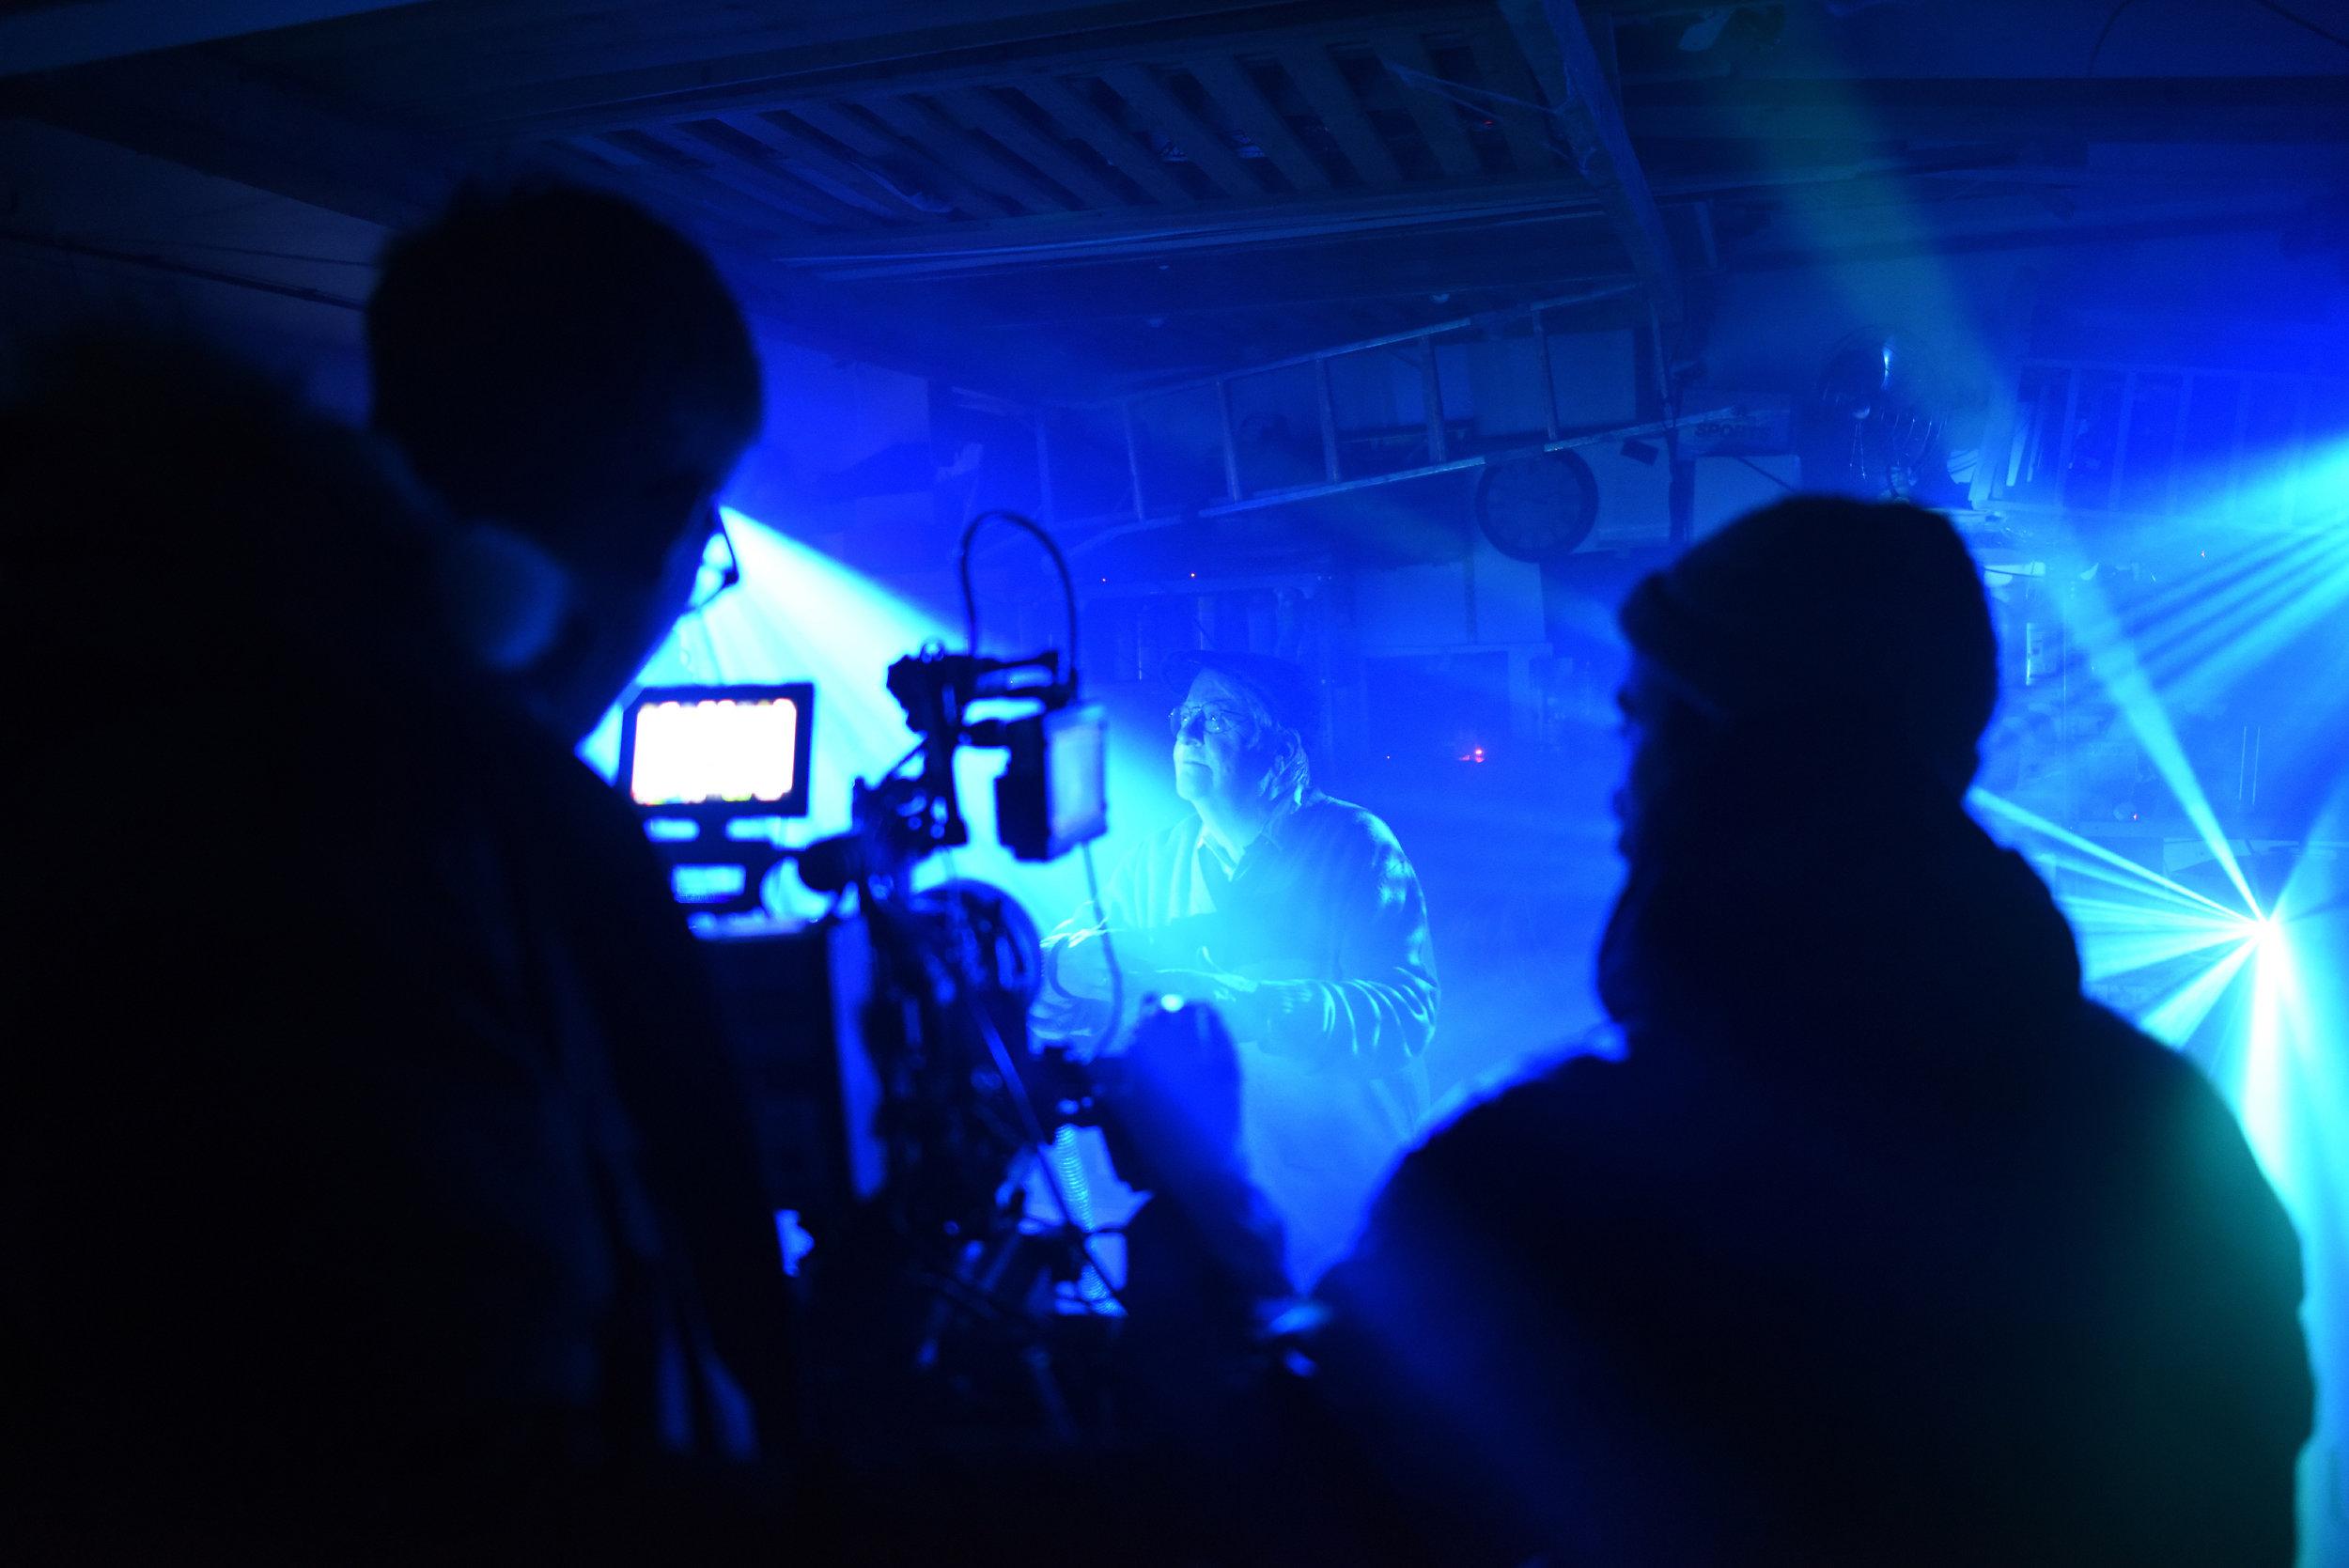 dance_production_still_21.jpg